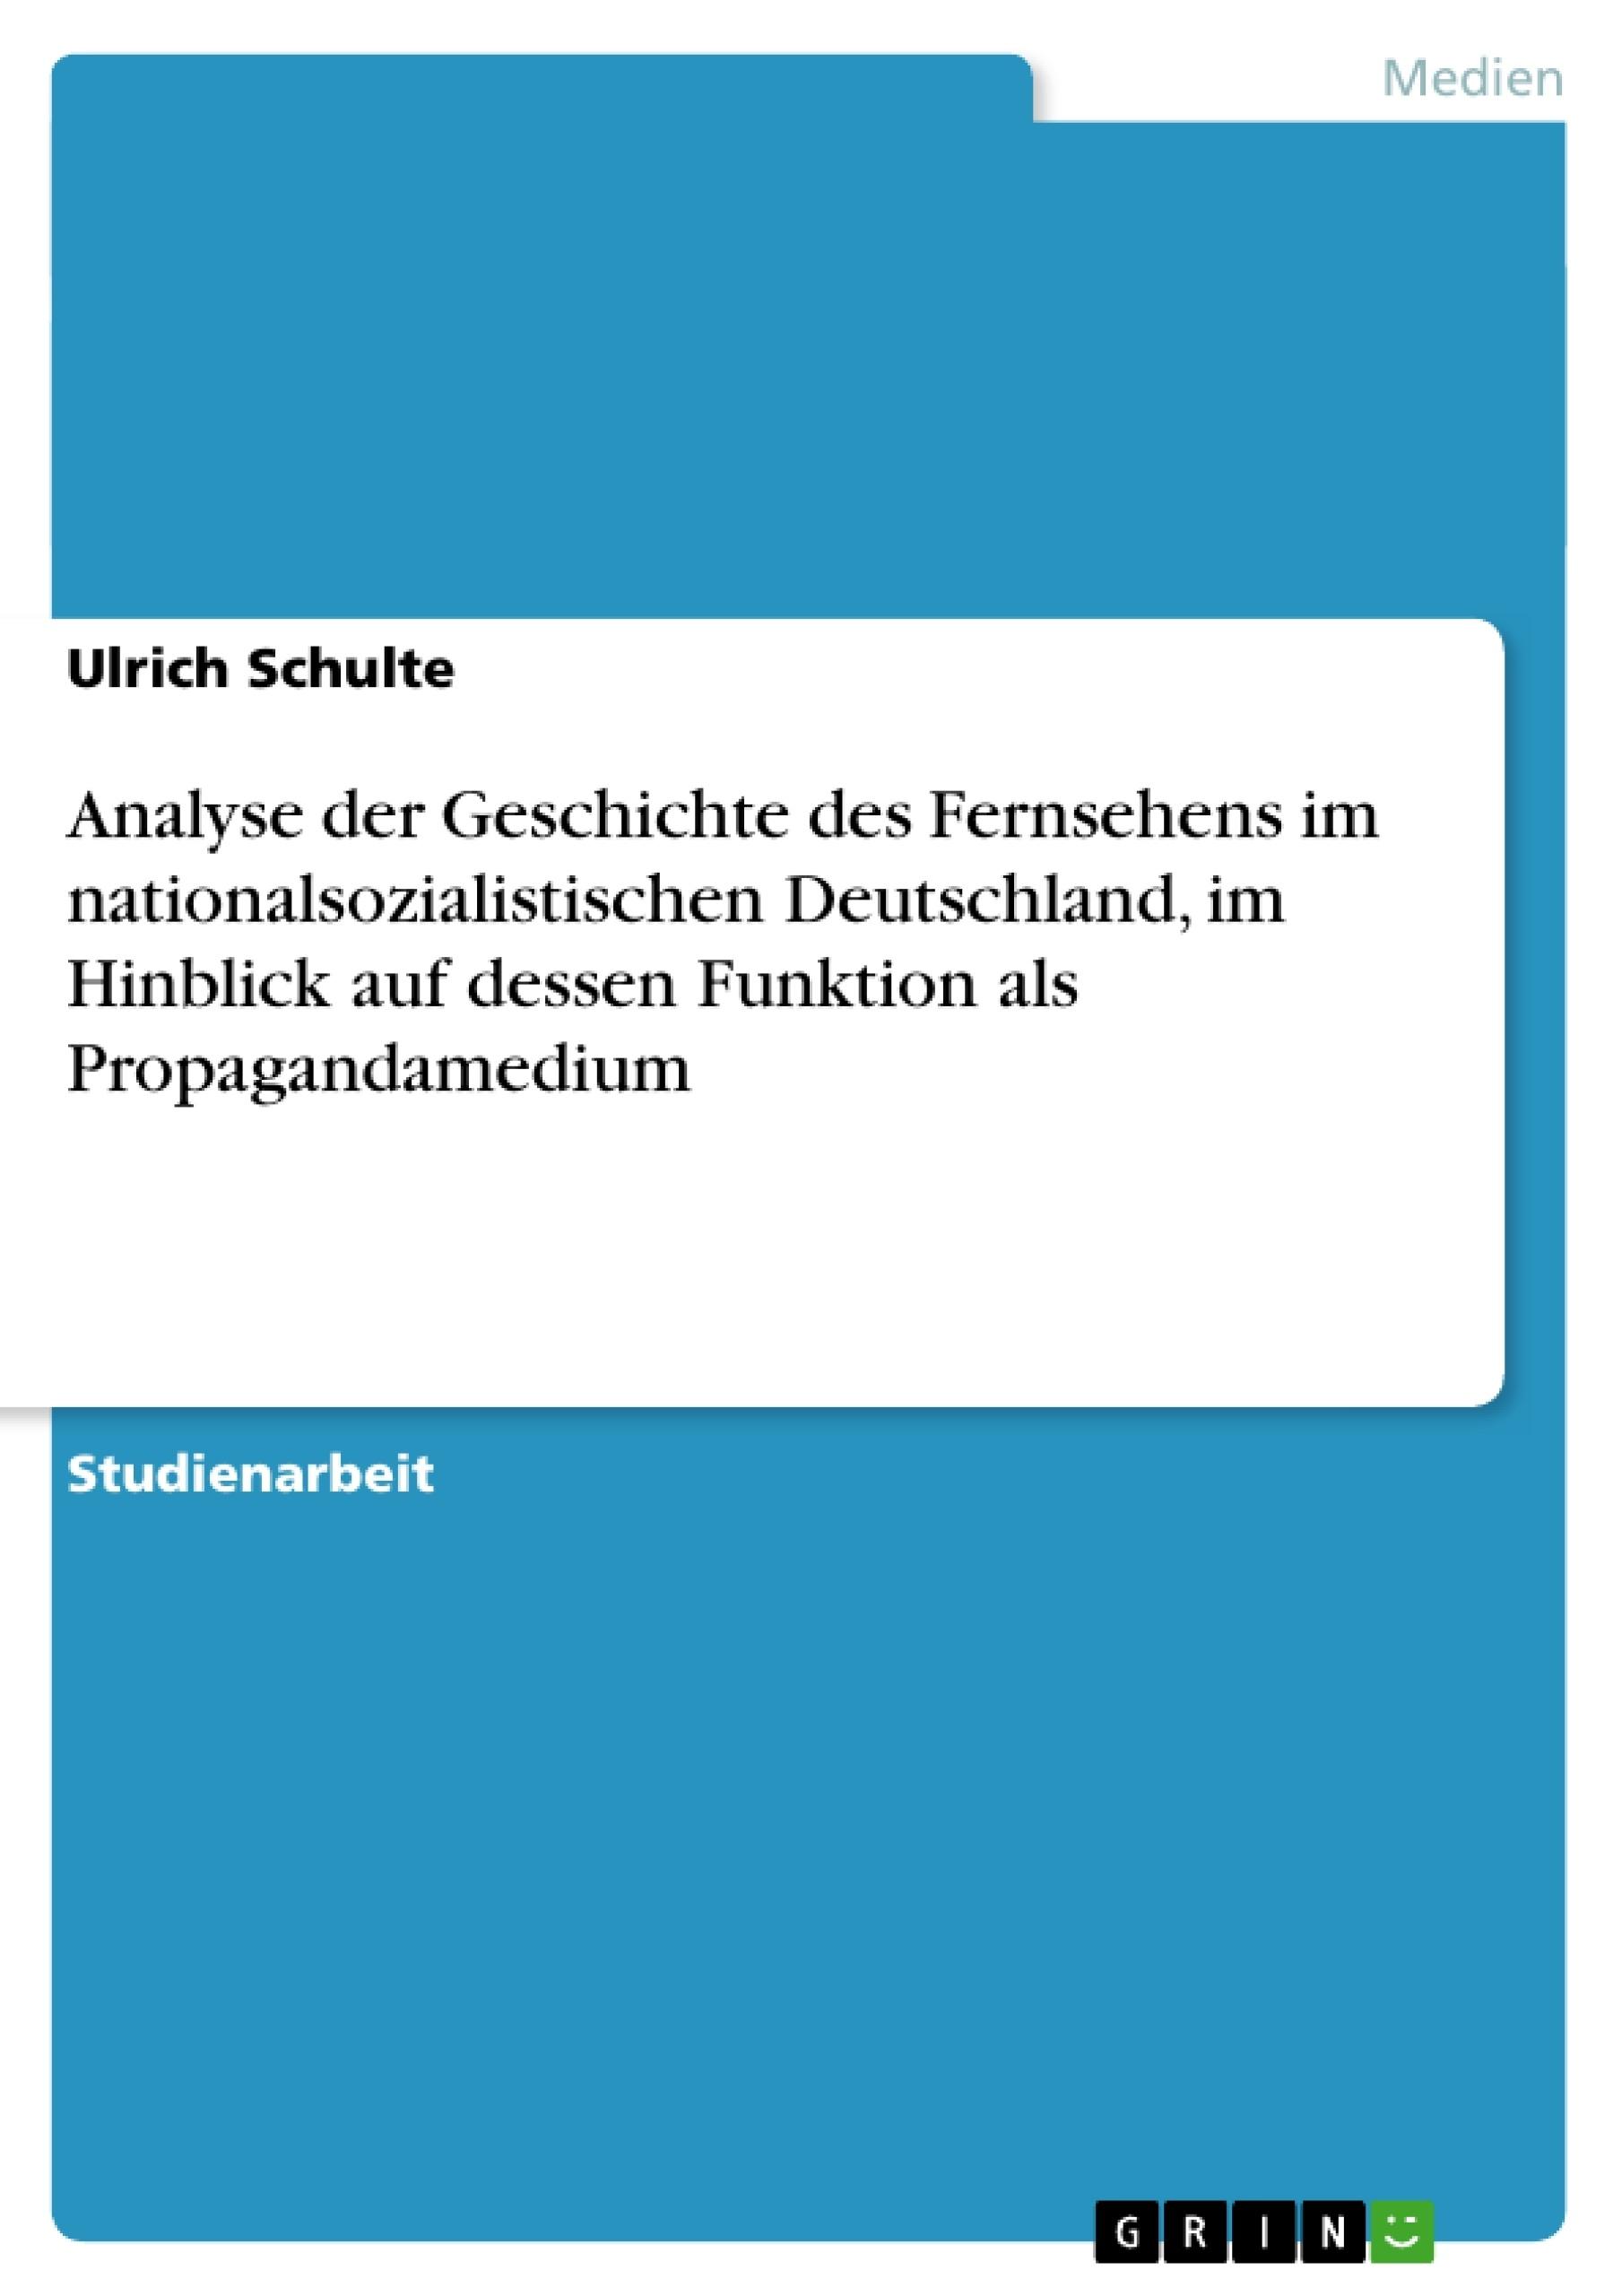 Titel: Analyse der Geschichte des Fernsehens im nationalsozialistischen Deutschland, im Hinblick auf dessen Funktion als Propagandamedium